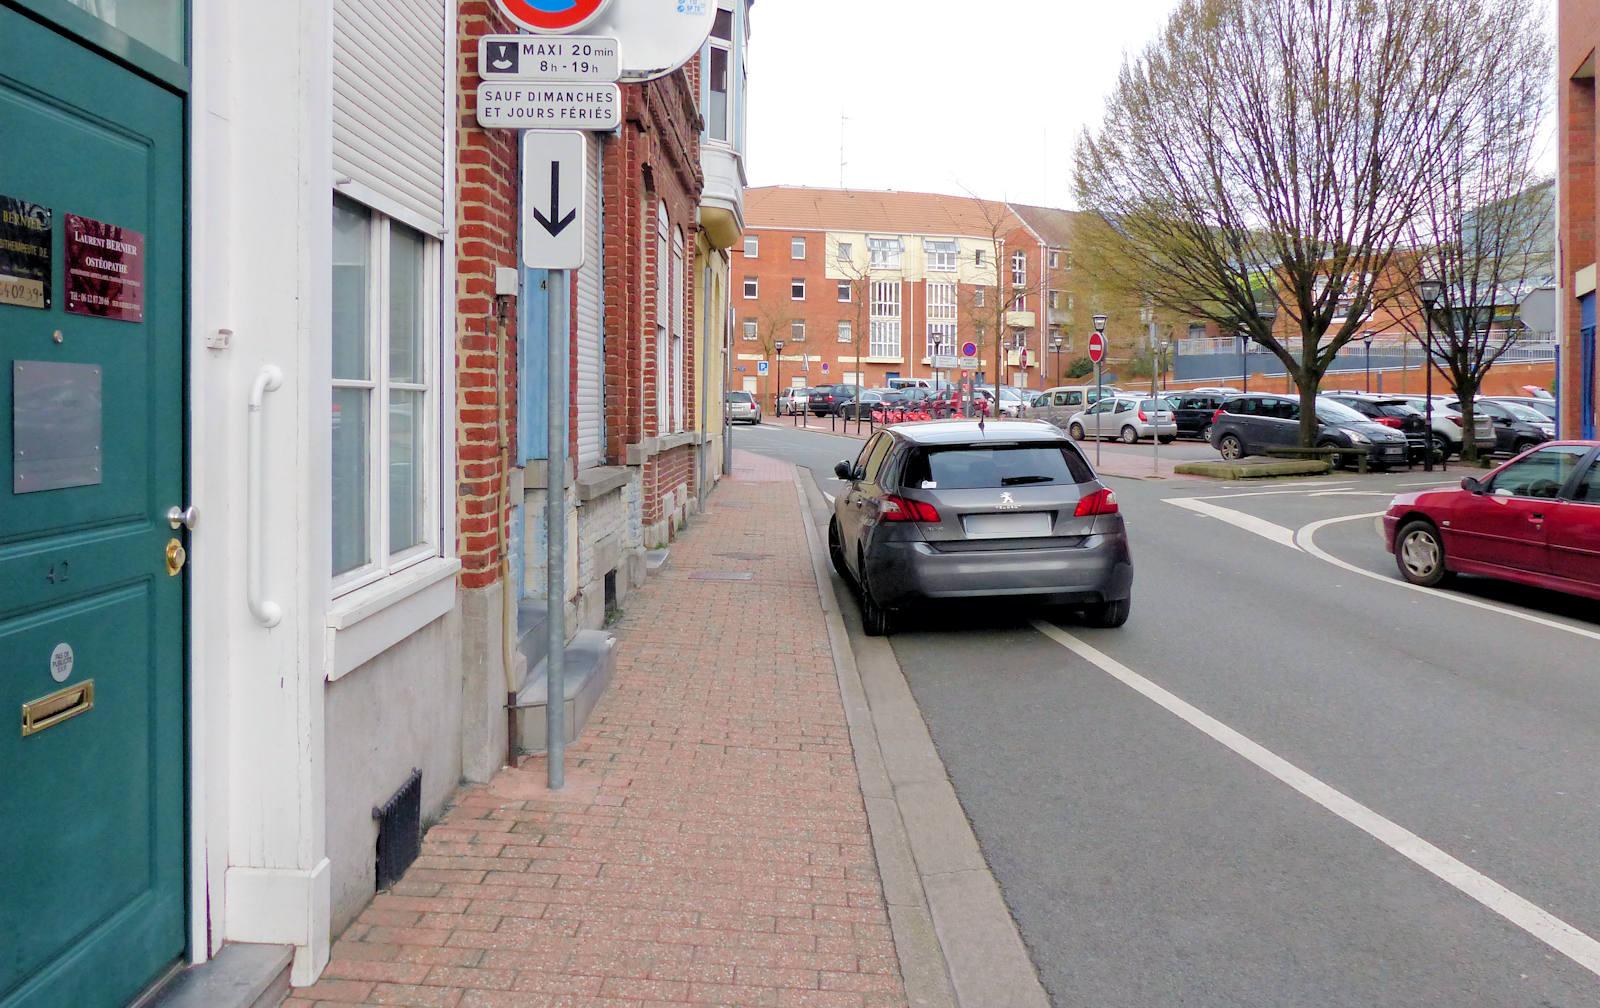 Ostéopathe Tourcoing Bernier - Parking.